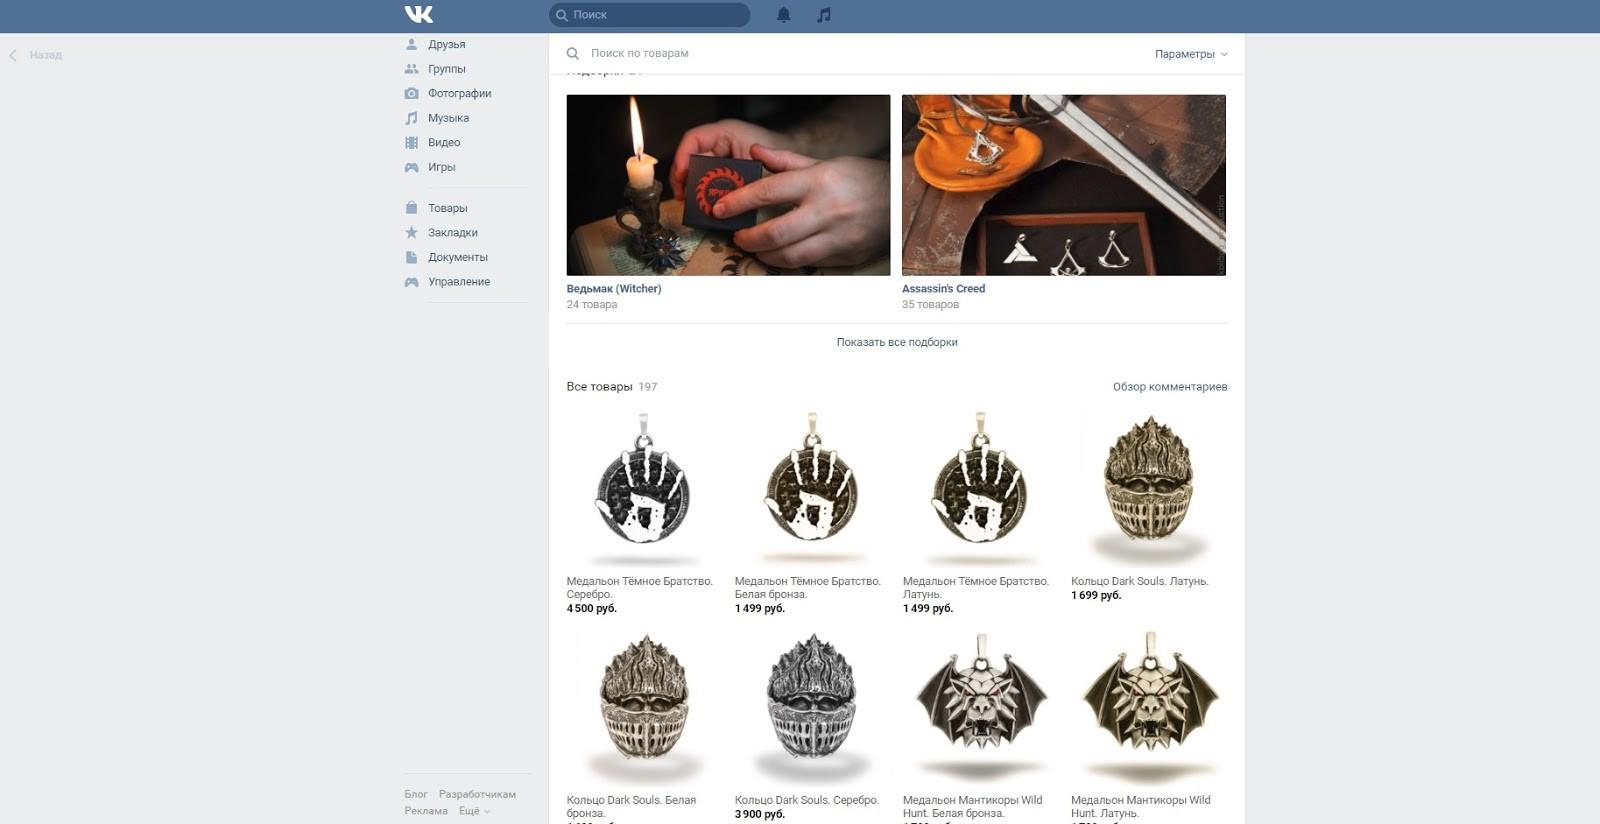 Картинка 5: Товары продаются внутри социальной сети